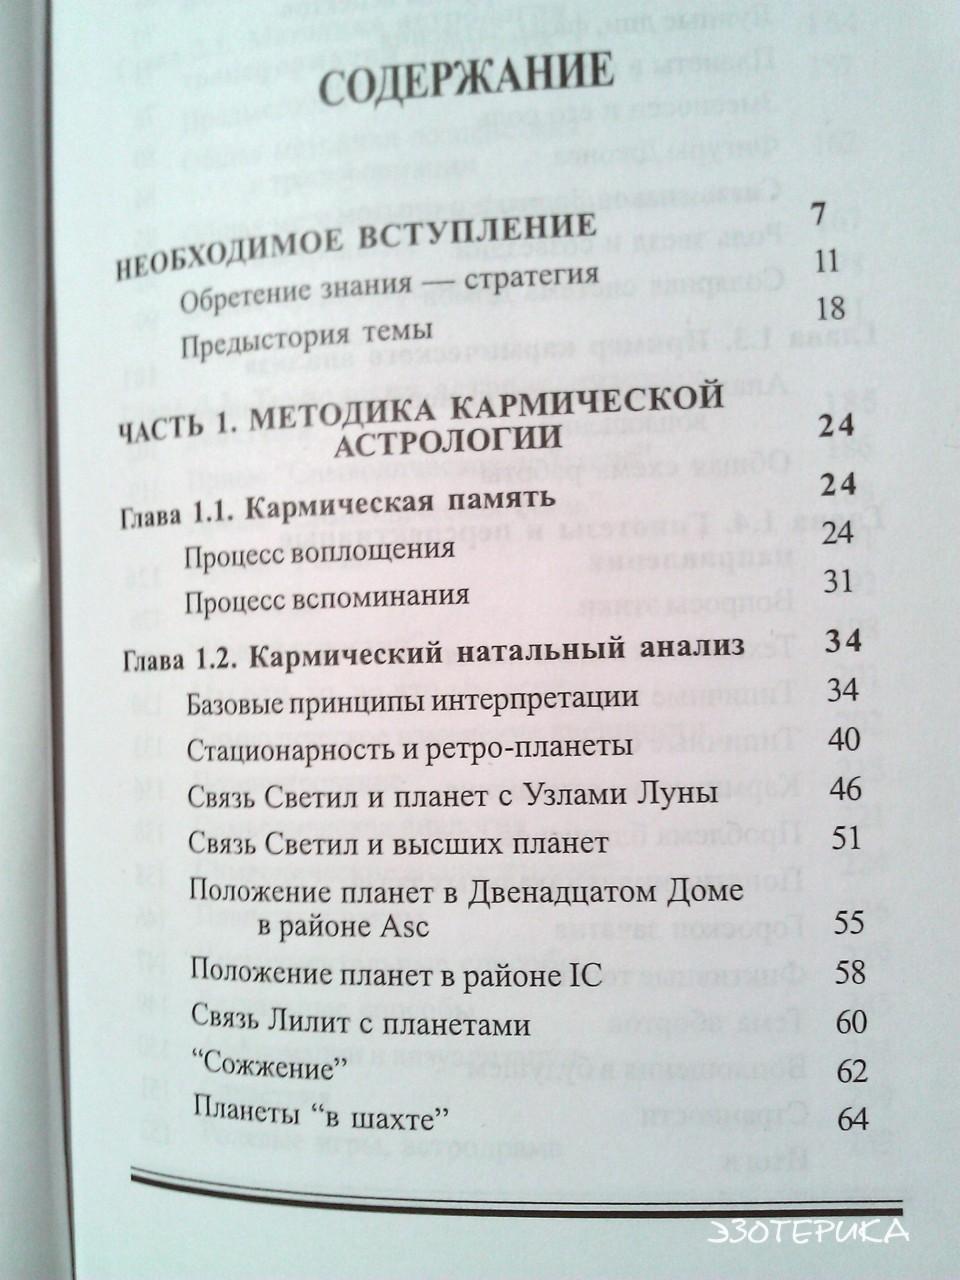 кармическая астрология и методика коррекции гороскопа читать